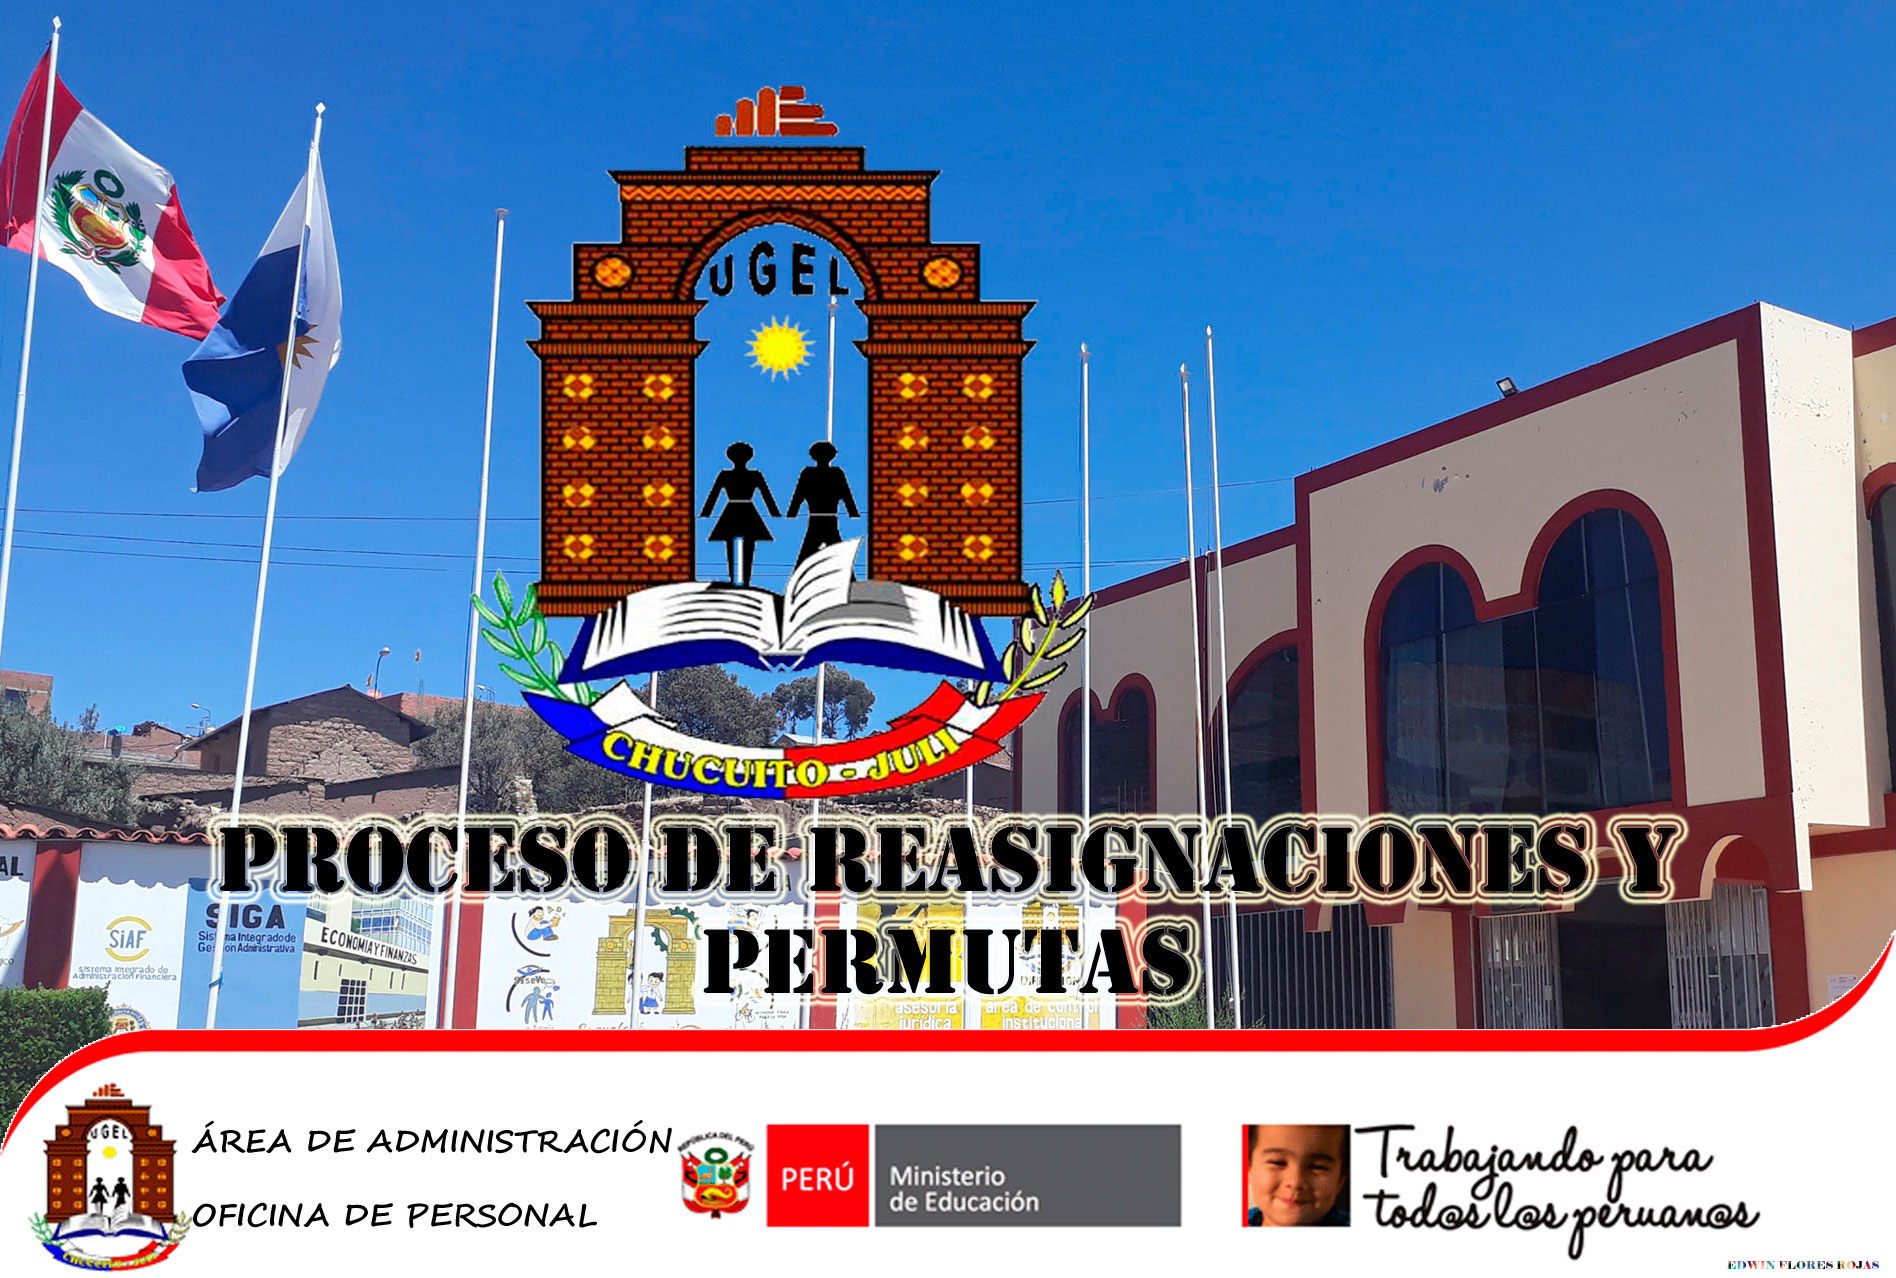 COMUNICADO N° 002 – PROCESO DE REASIGNACIÓN DE PROFESORES EN EL MARCO DE LA LEY N° 29944 LEY DE REFORMA MAGISTERIAL – 2019